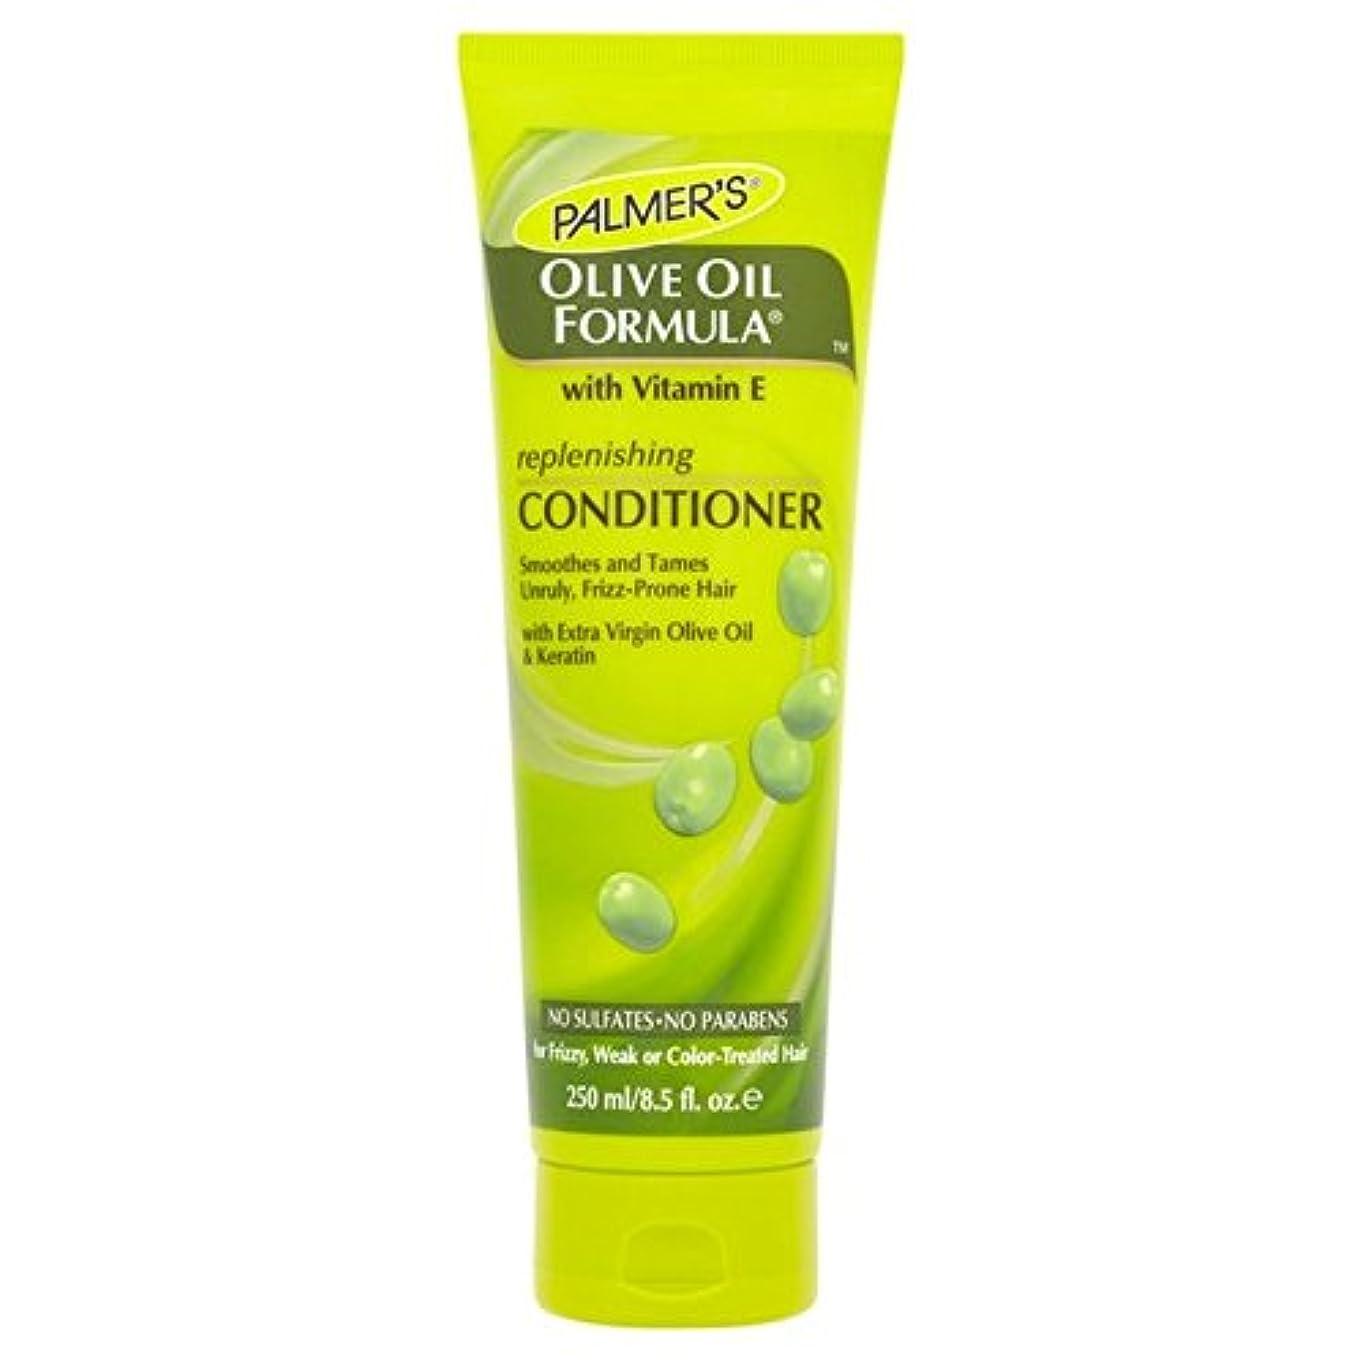 スペクトラム天文学エンゲージメントPalmer's Olive Oil Formula Restoring Conditioner 250ml - パーマーのオリーブオイル式リストアコンディショナー250 [並行輸入品]